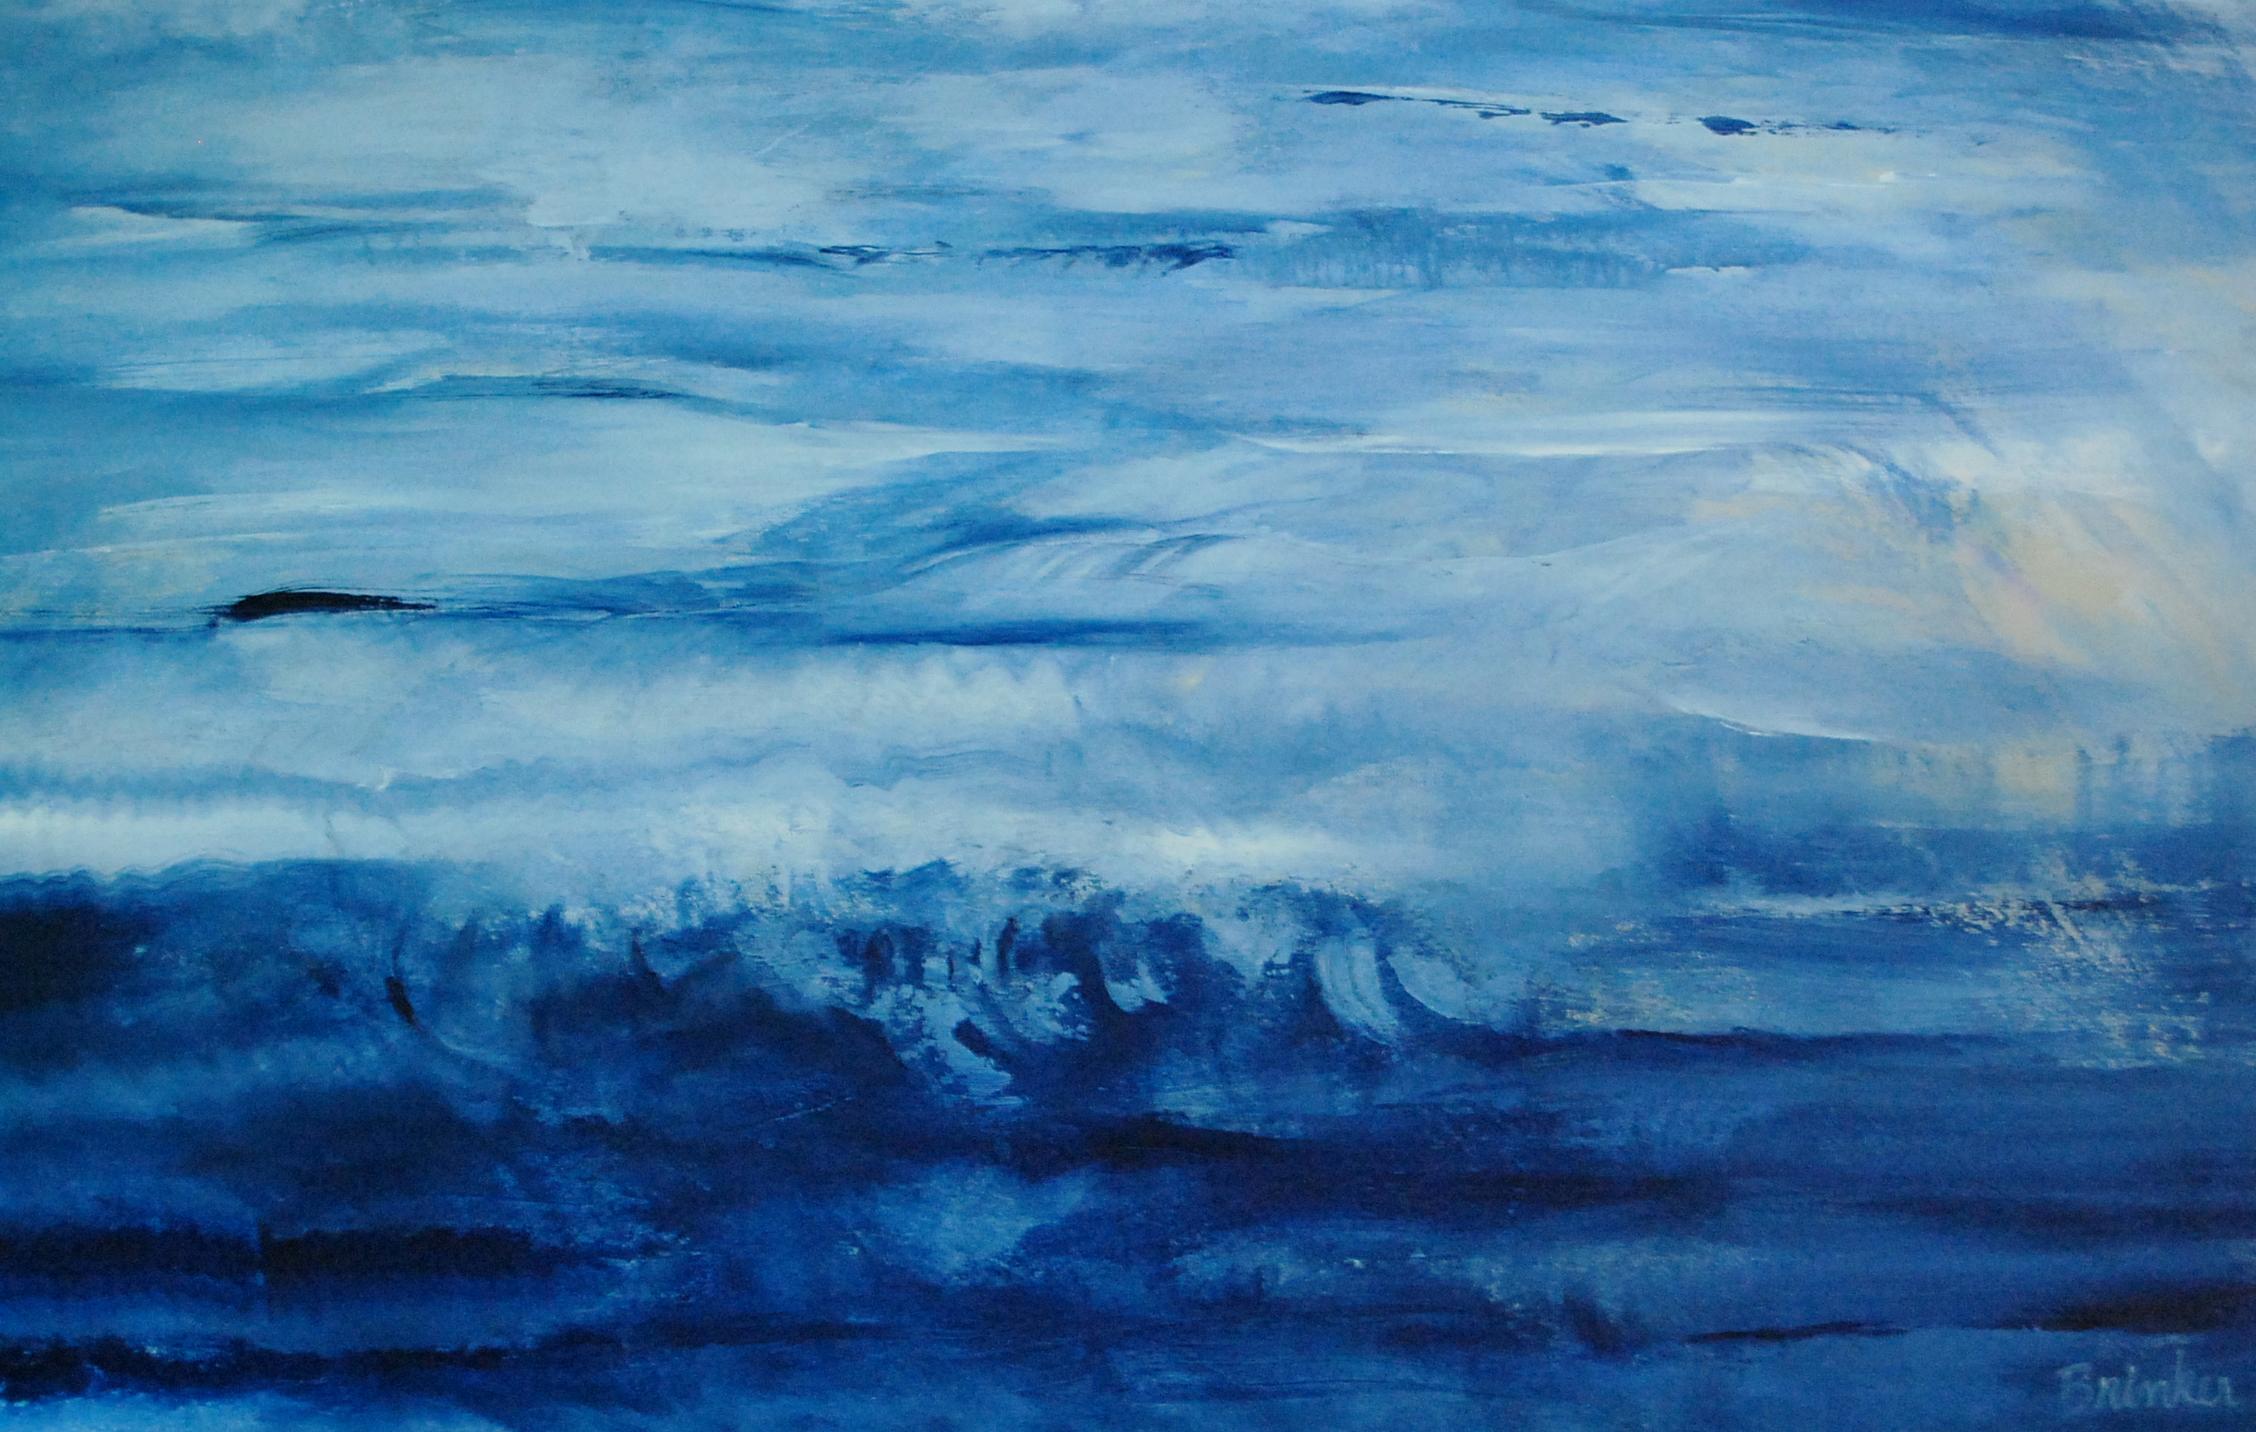 Blue paintings